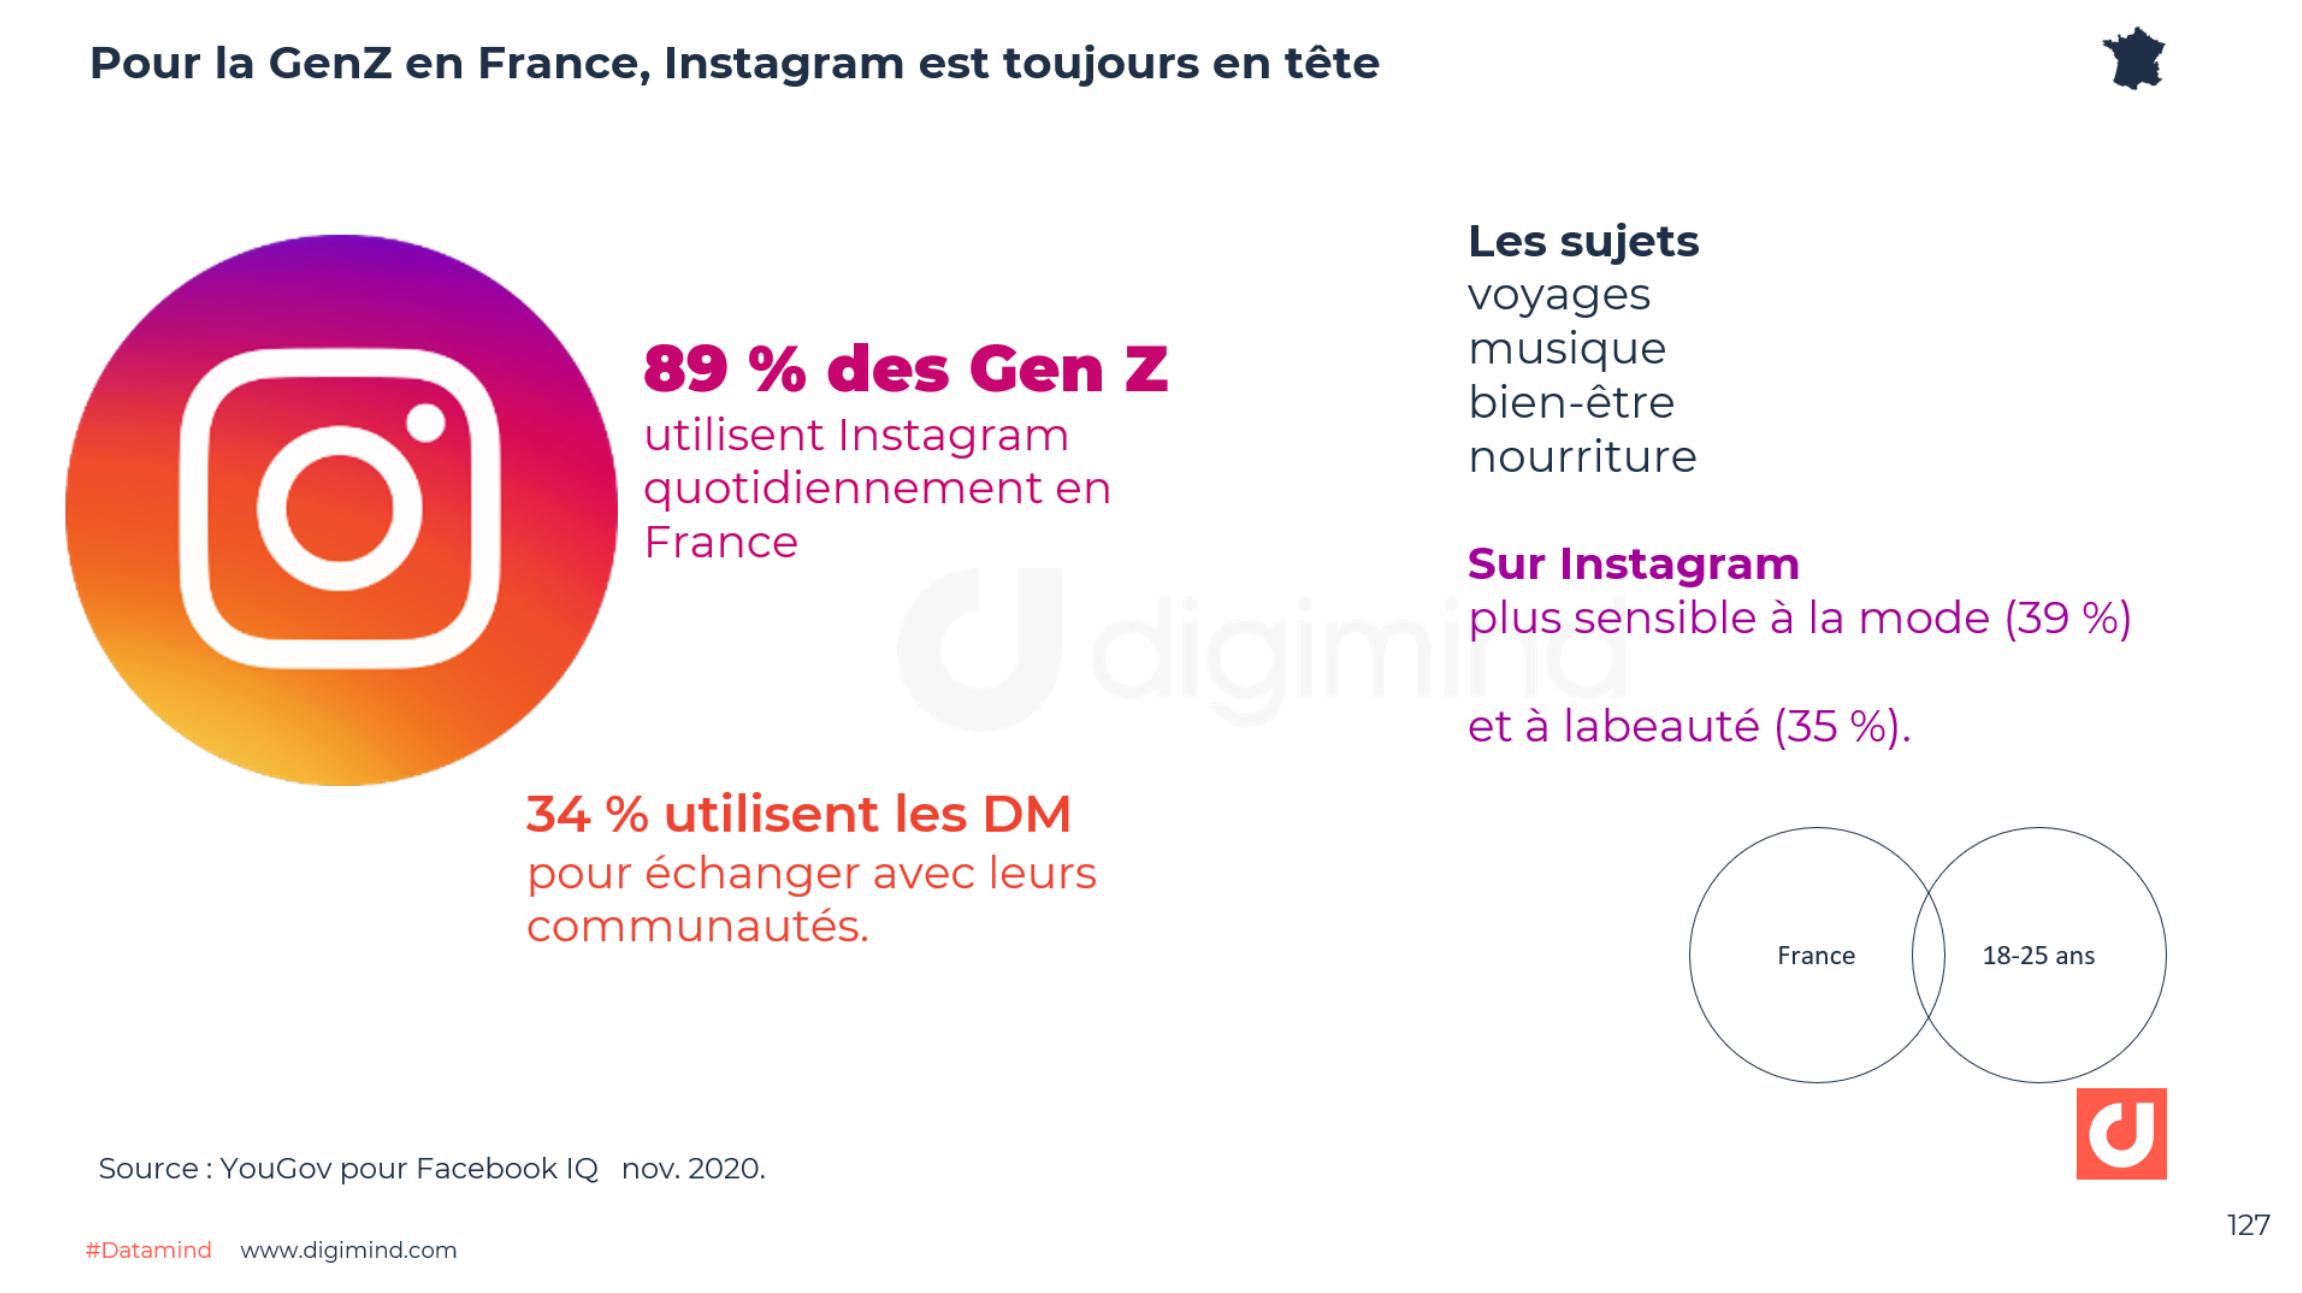 Pour la Génération Z en France, Instagram est toujours en tête